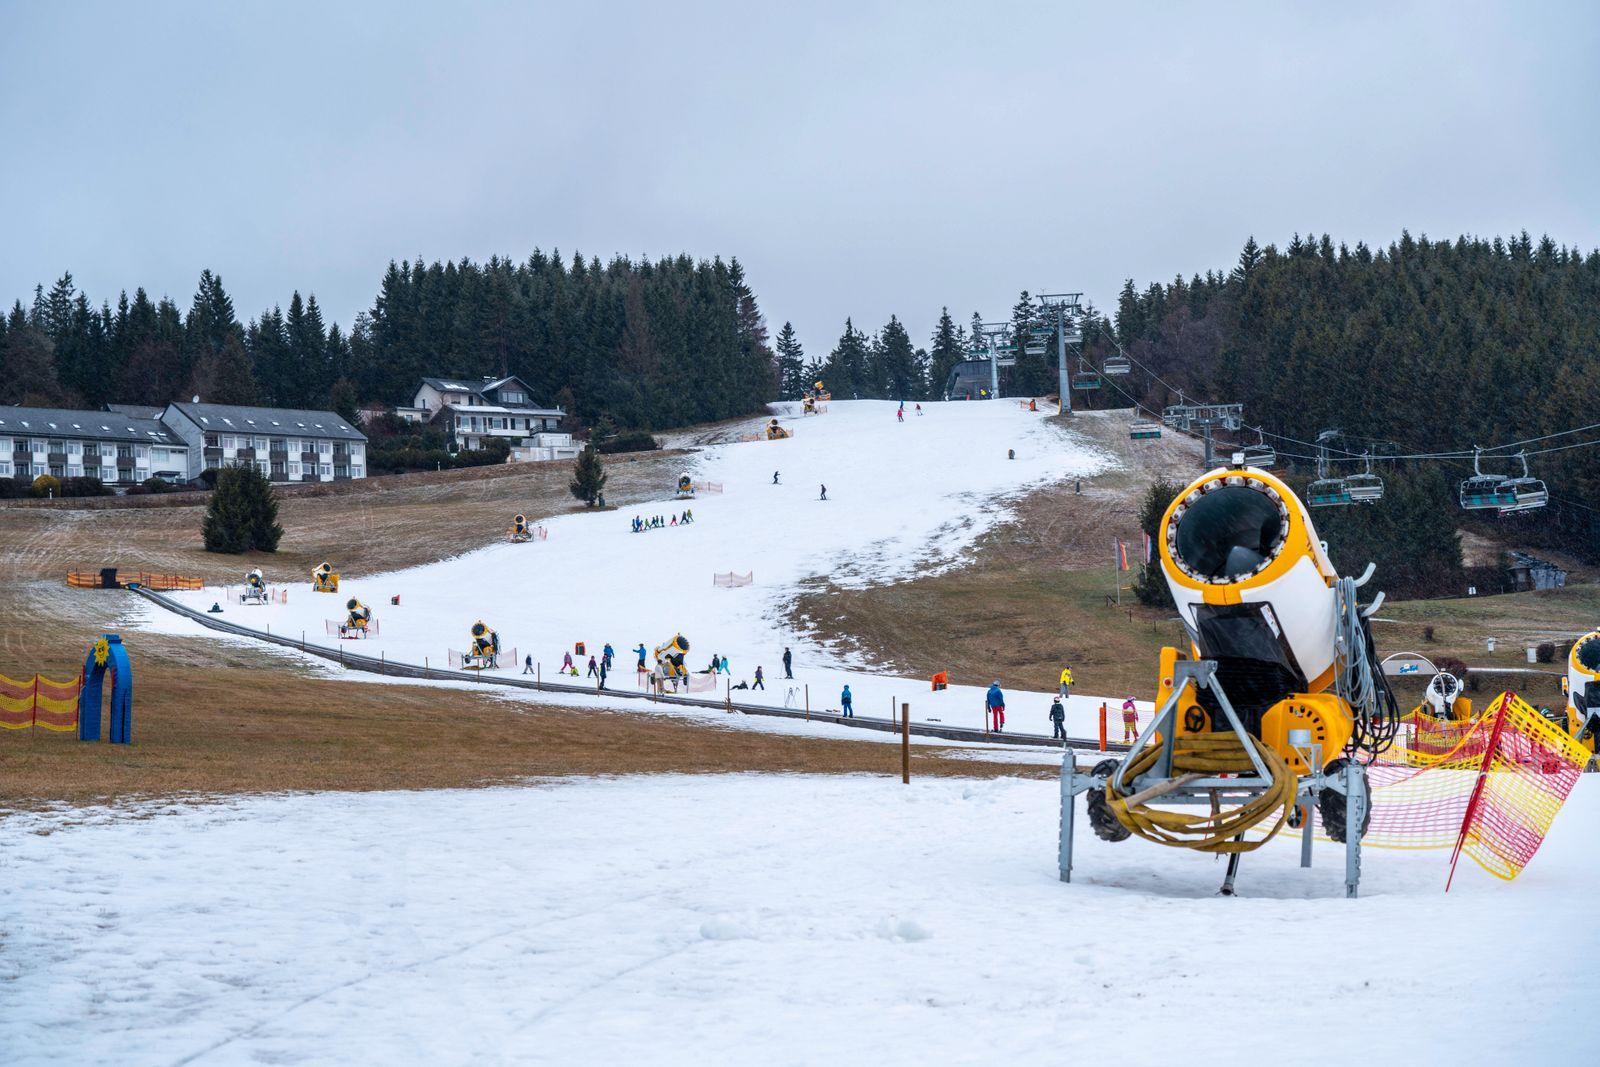 Anfänger Skigebiet Ritzhagen, mit Kunstschnee betrieben, aus Schneekanonen, Willingen, Sauerland, Hessen, Deutschland, *